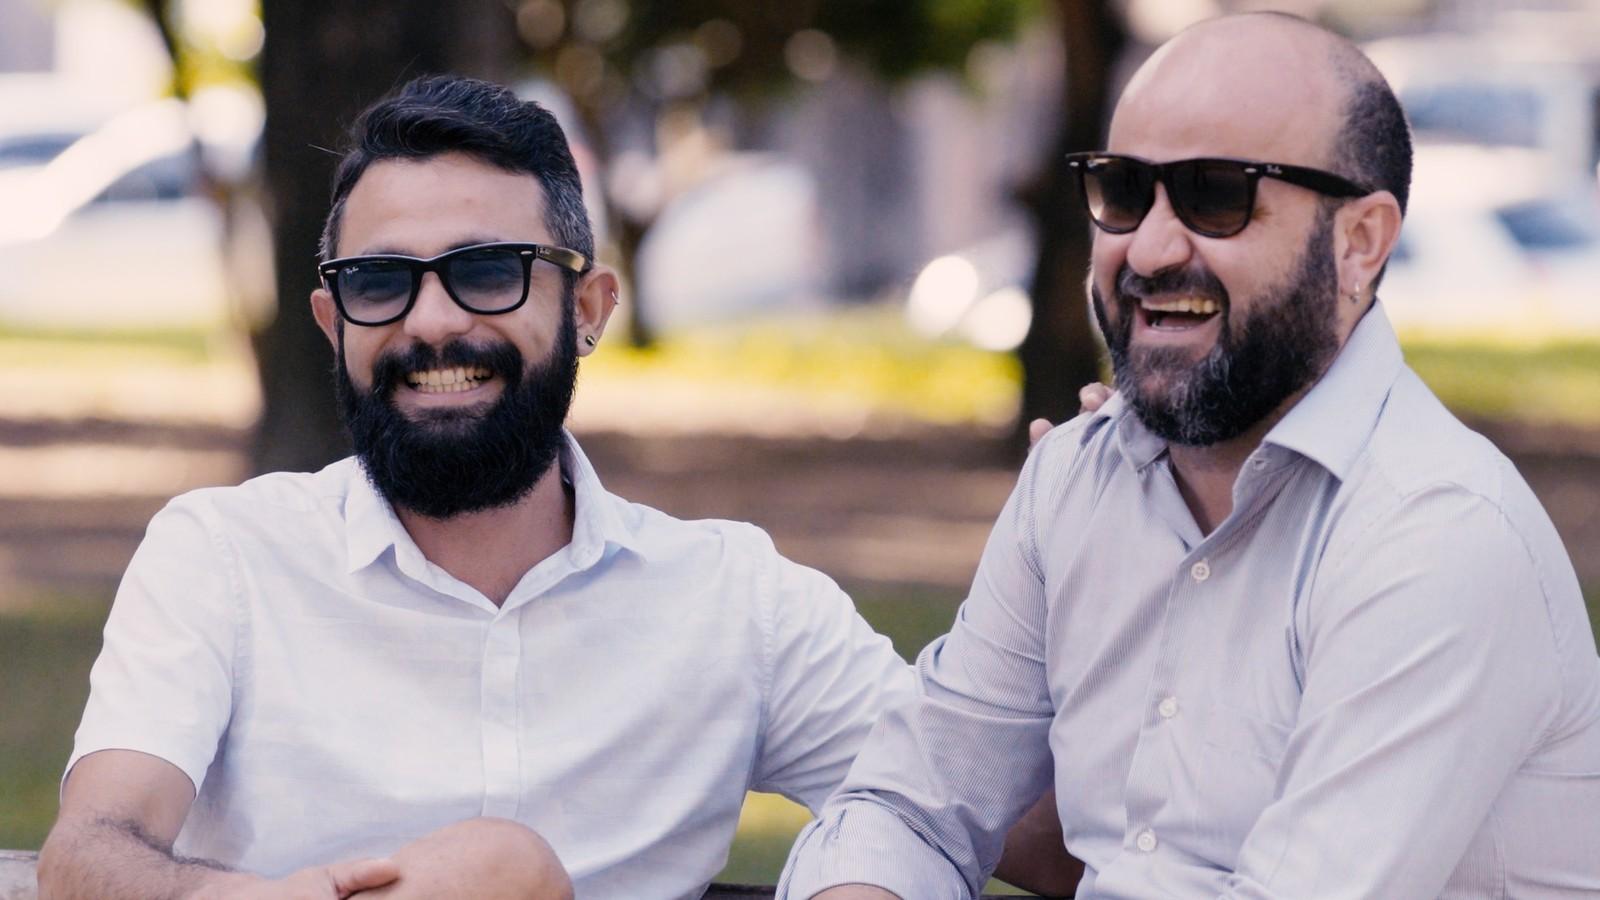 Afiliadas da Globo na Paraíba celebram dia do Orgulho LGBT com campanha na TV